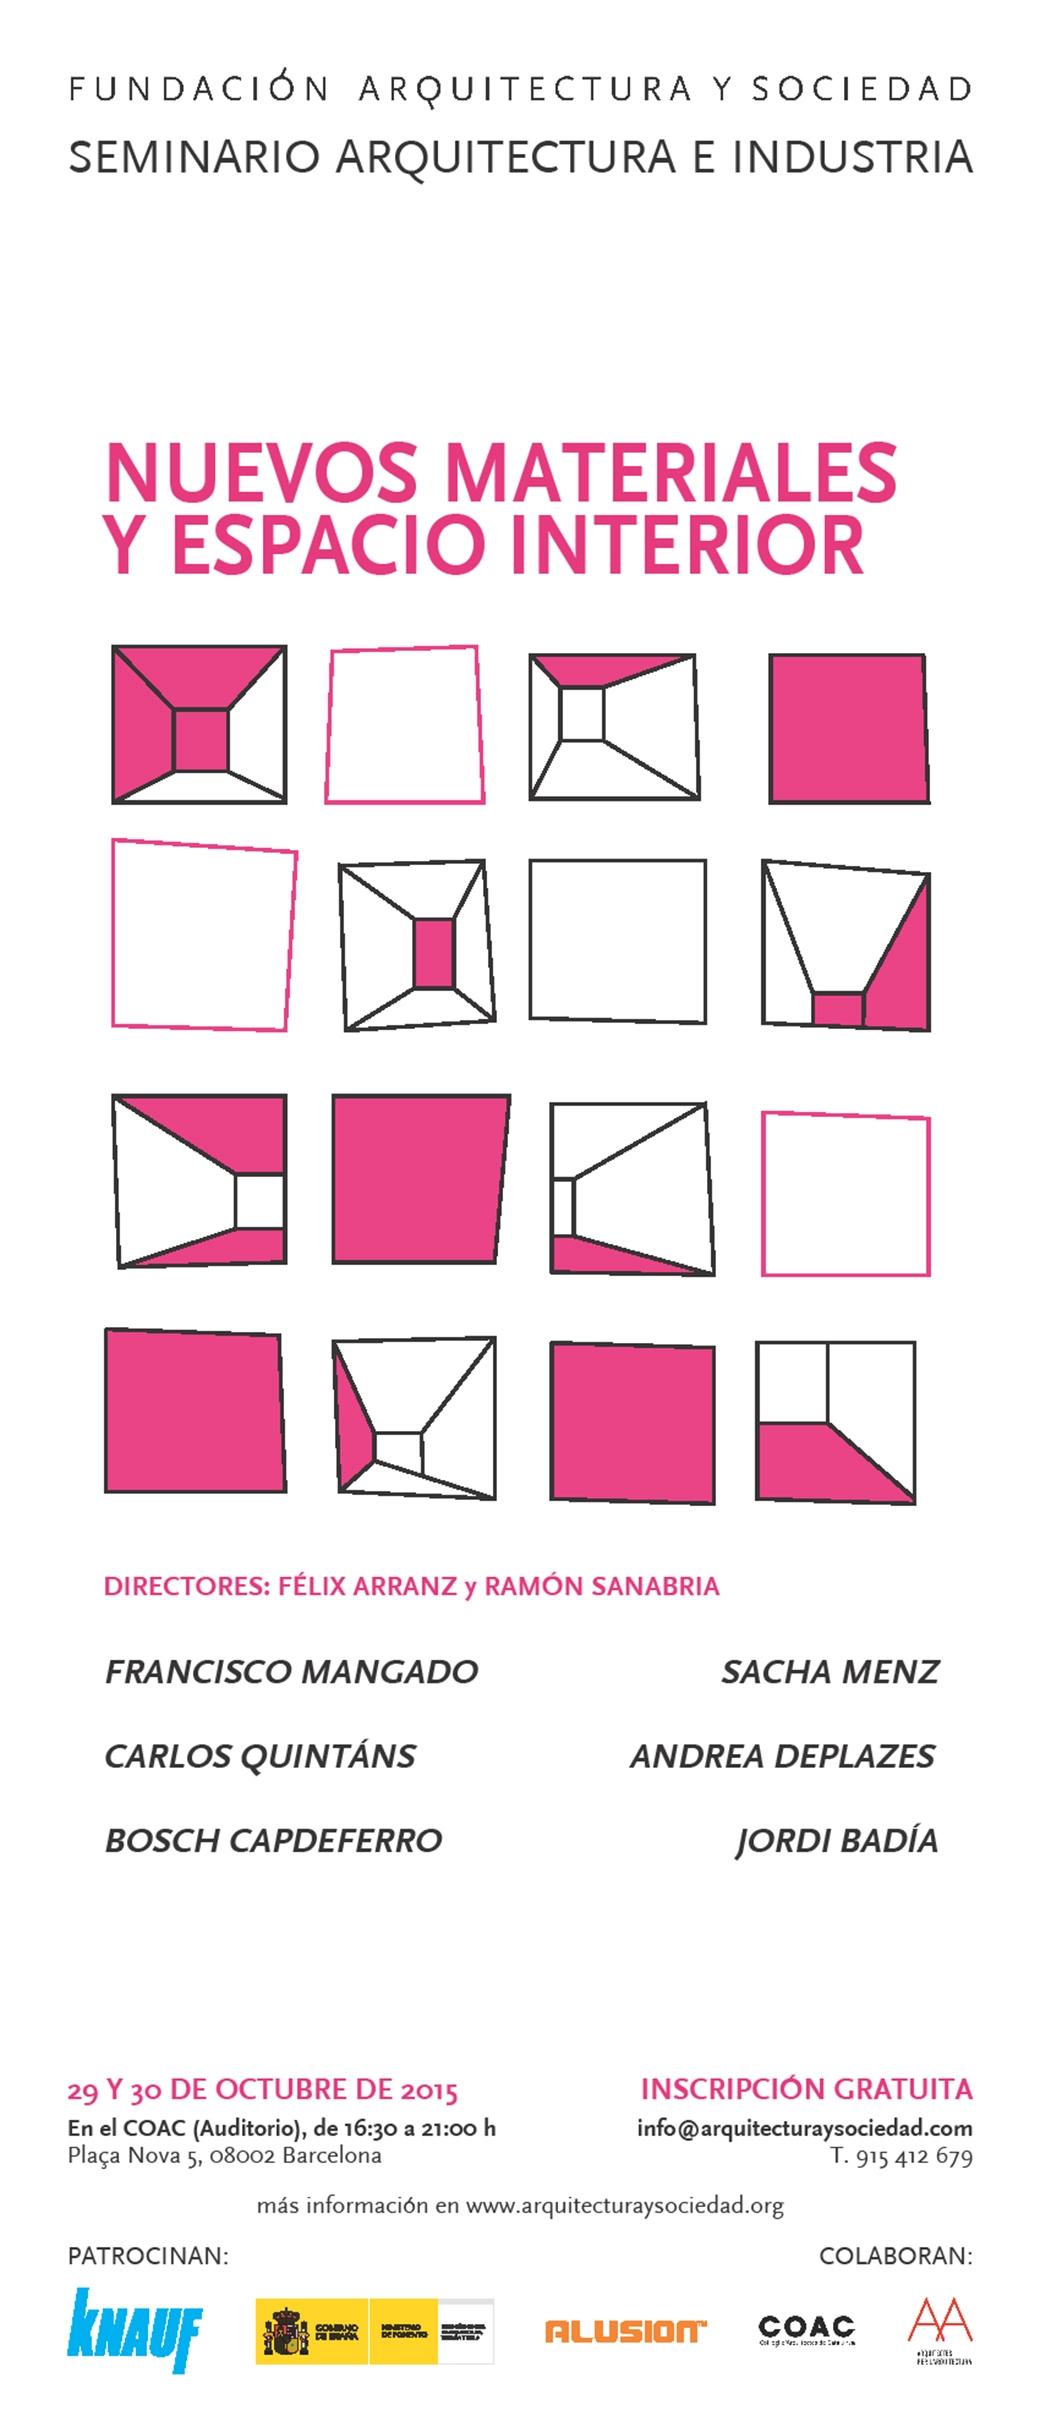 Arquitectura-Sociedad-Nuevos-materiales-espacio-interior-cartel